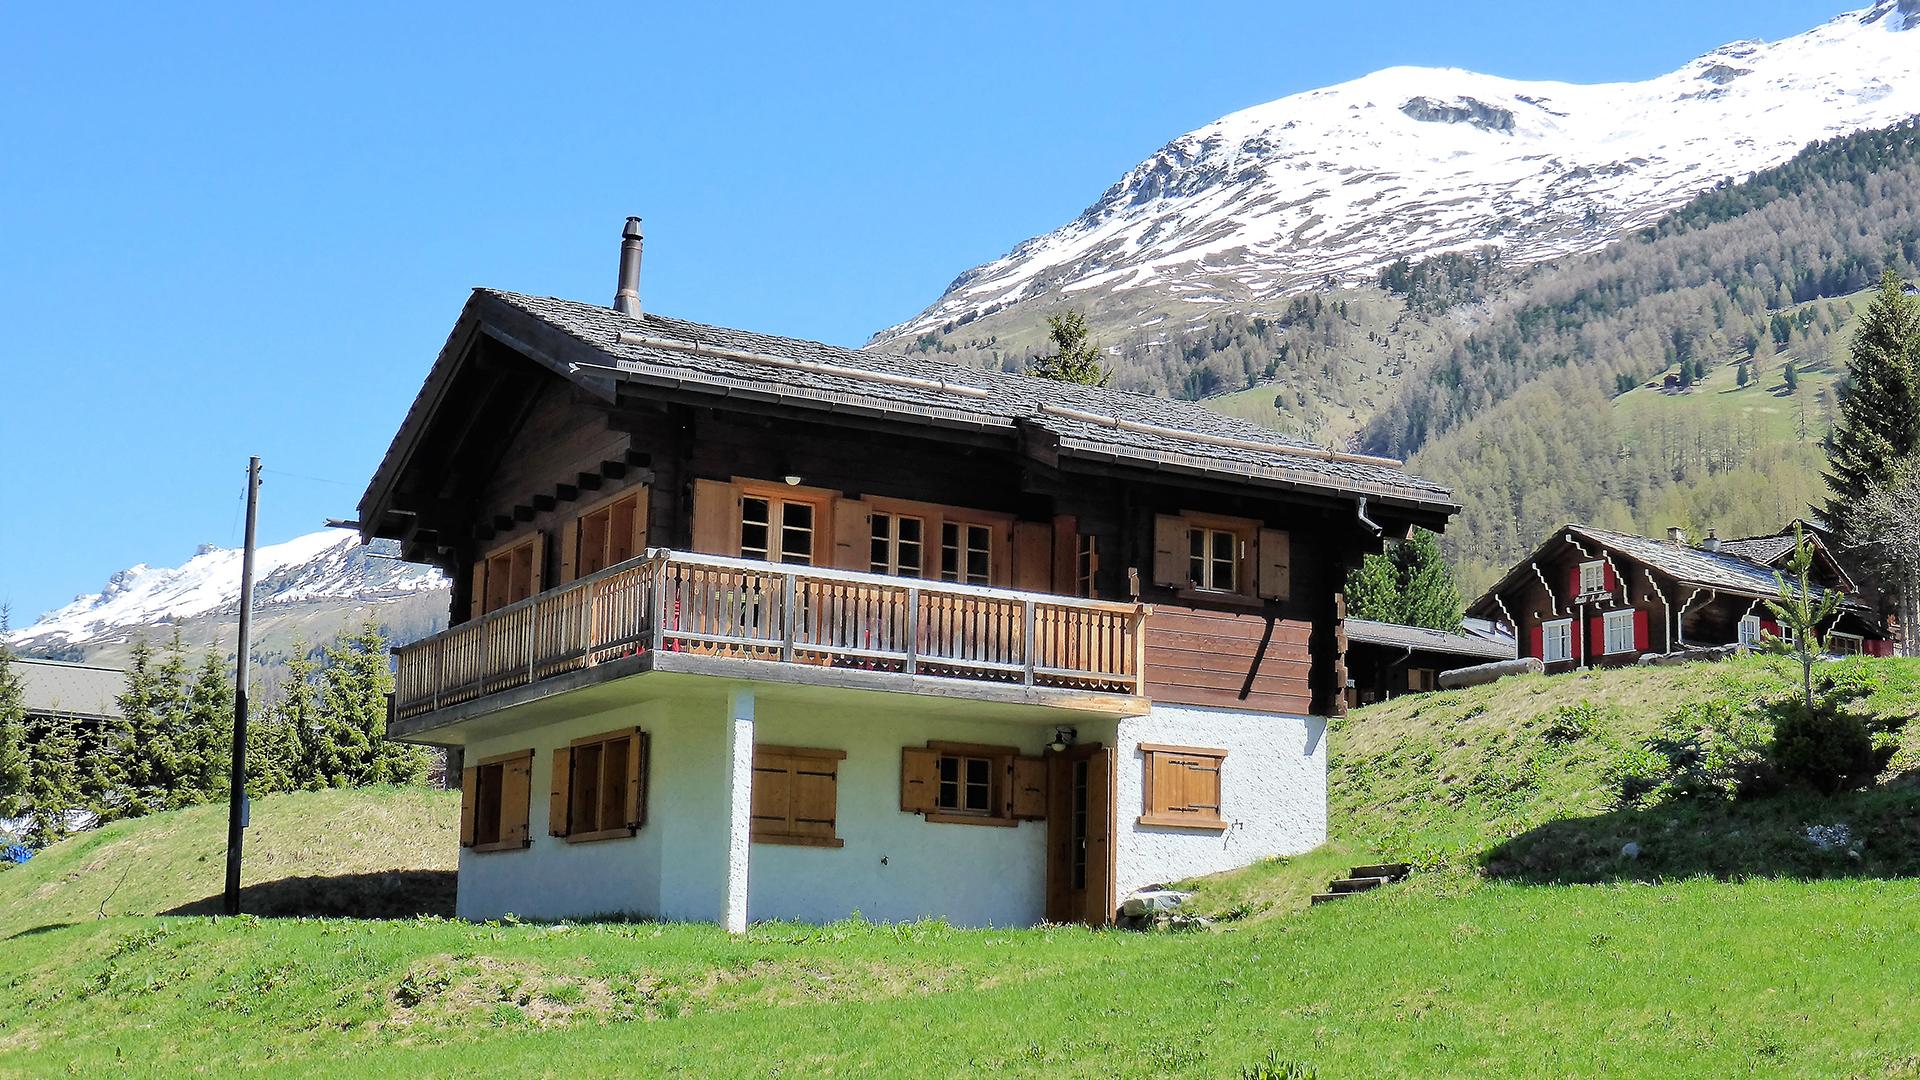 Chalet Zinal Chalet, Switzerland